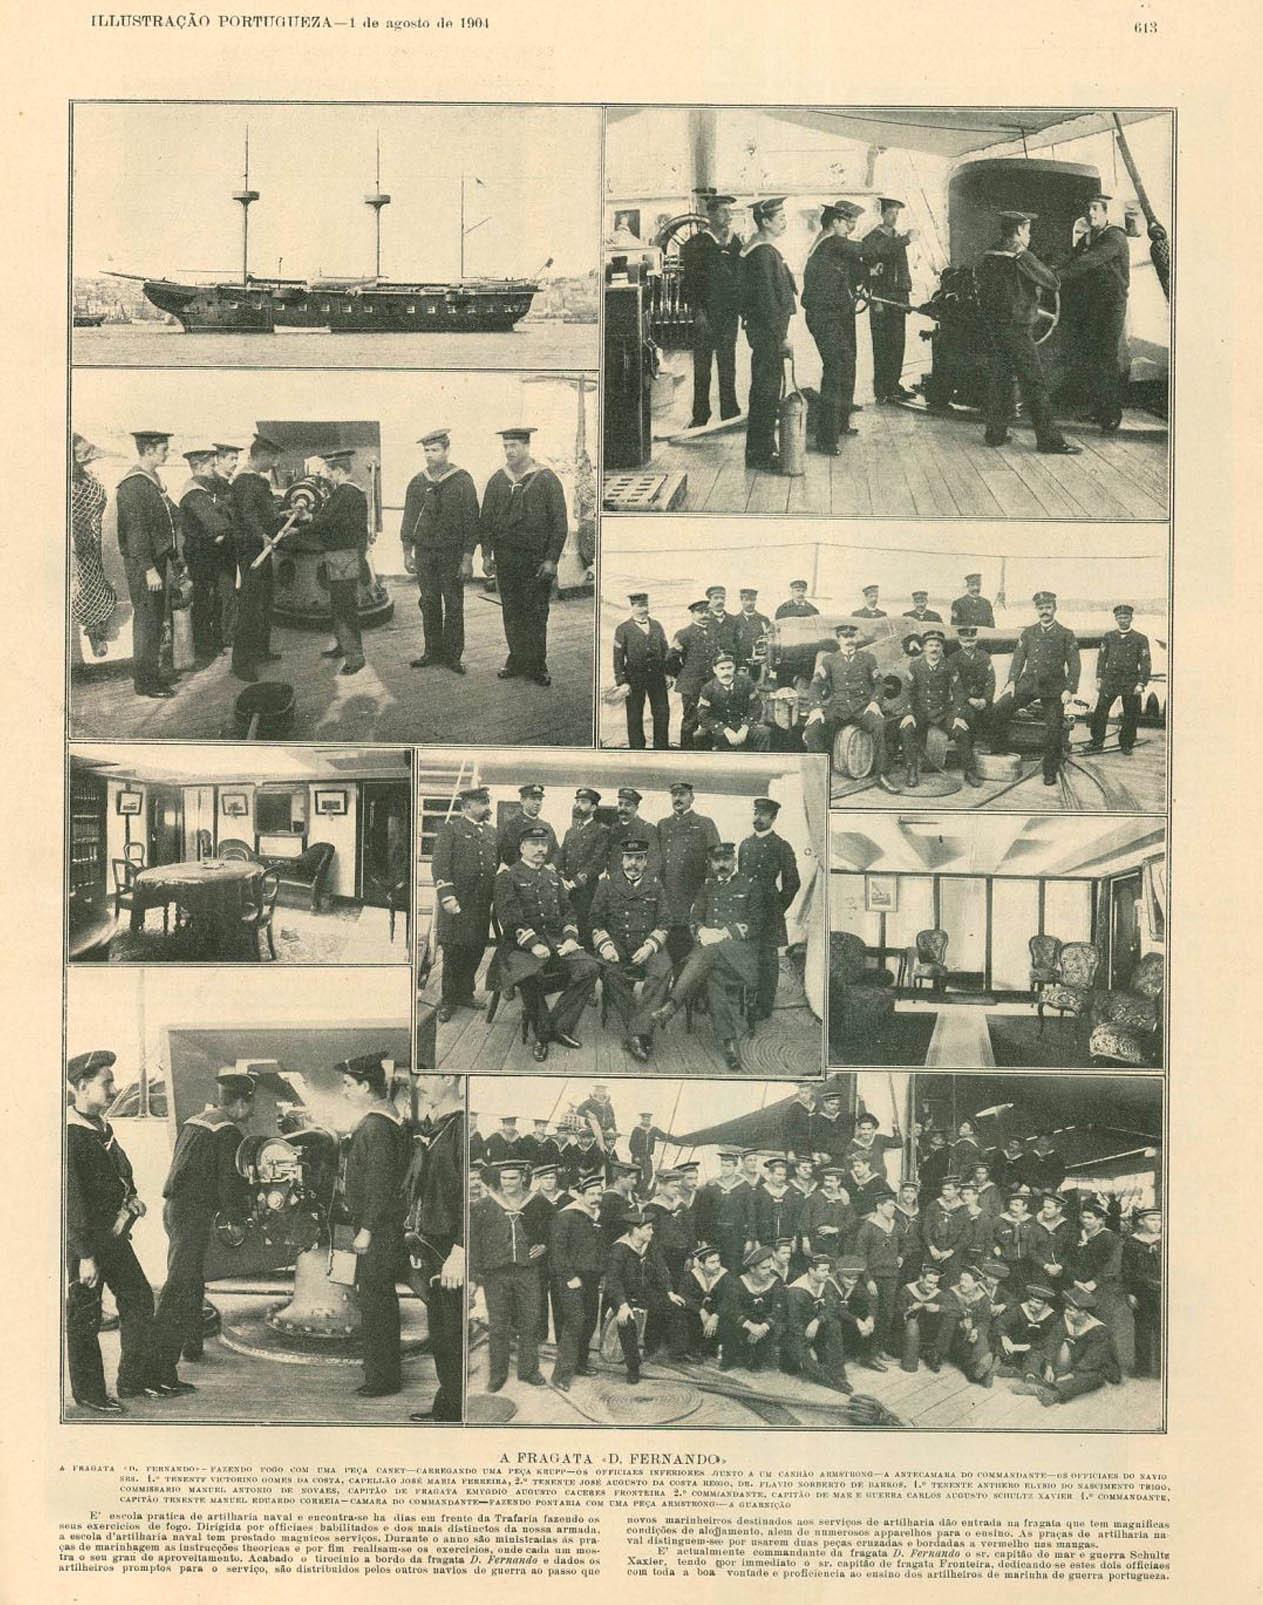 Страница из португальского иллюстрированного журнала 1904 года – репортаж с борта учебного судна «Дон Фернанду II э Глория».